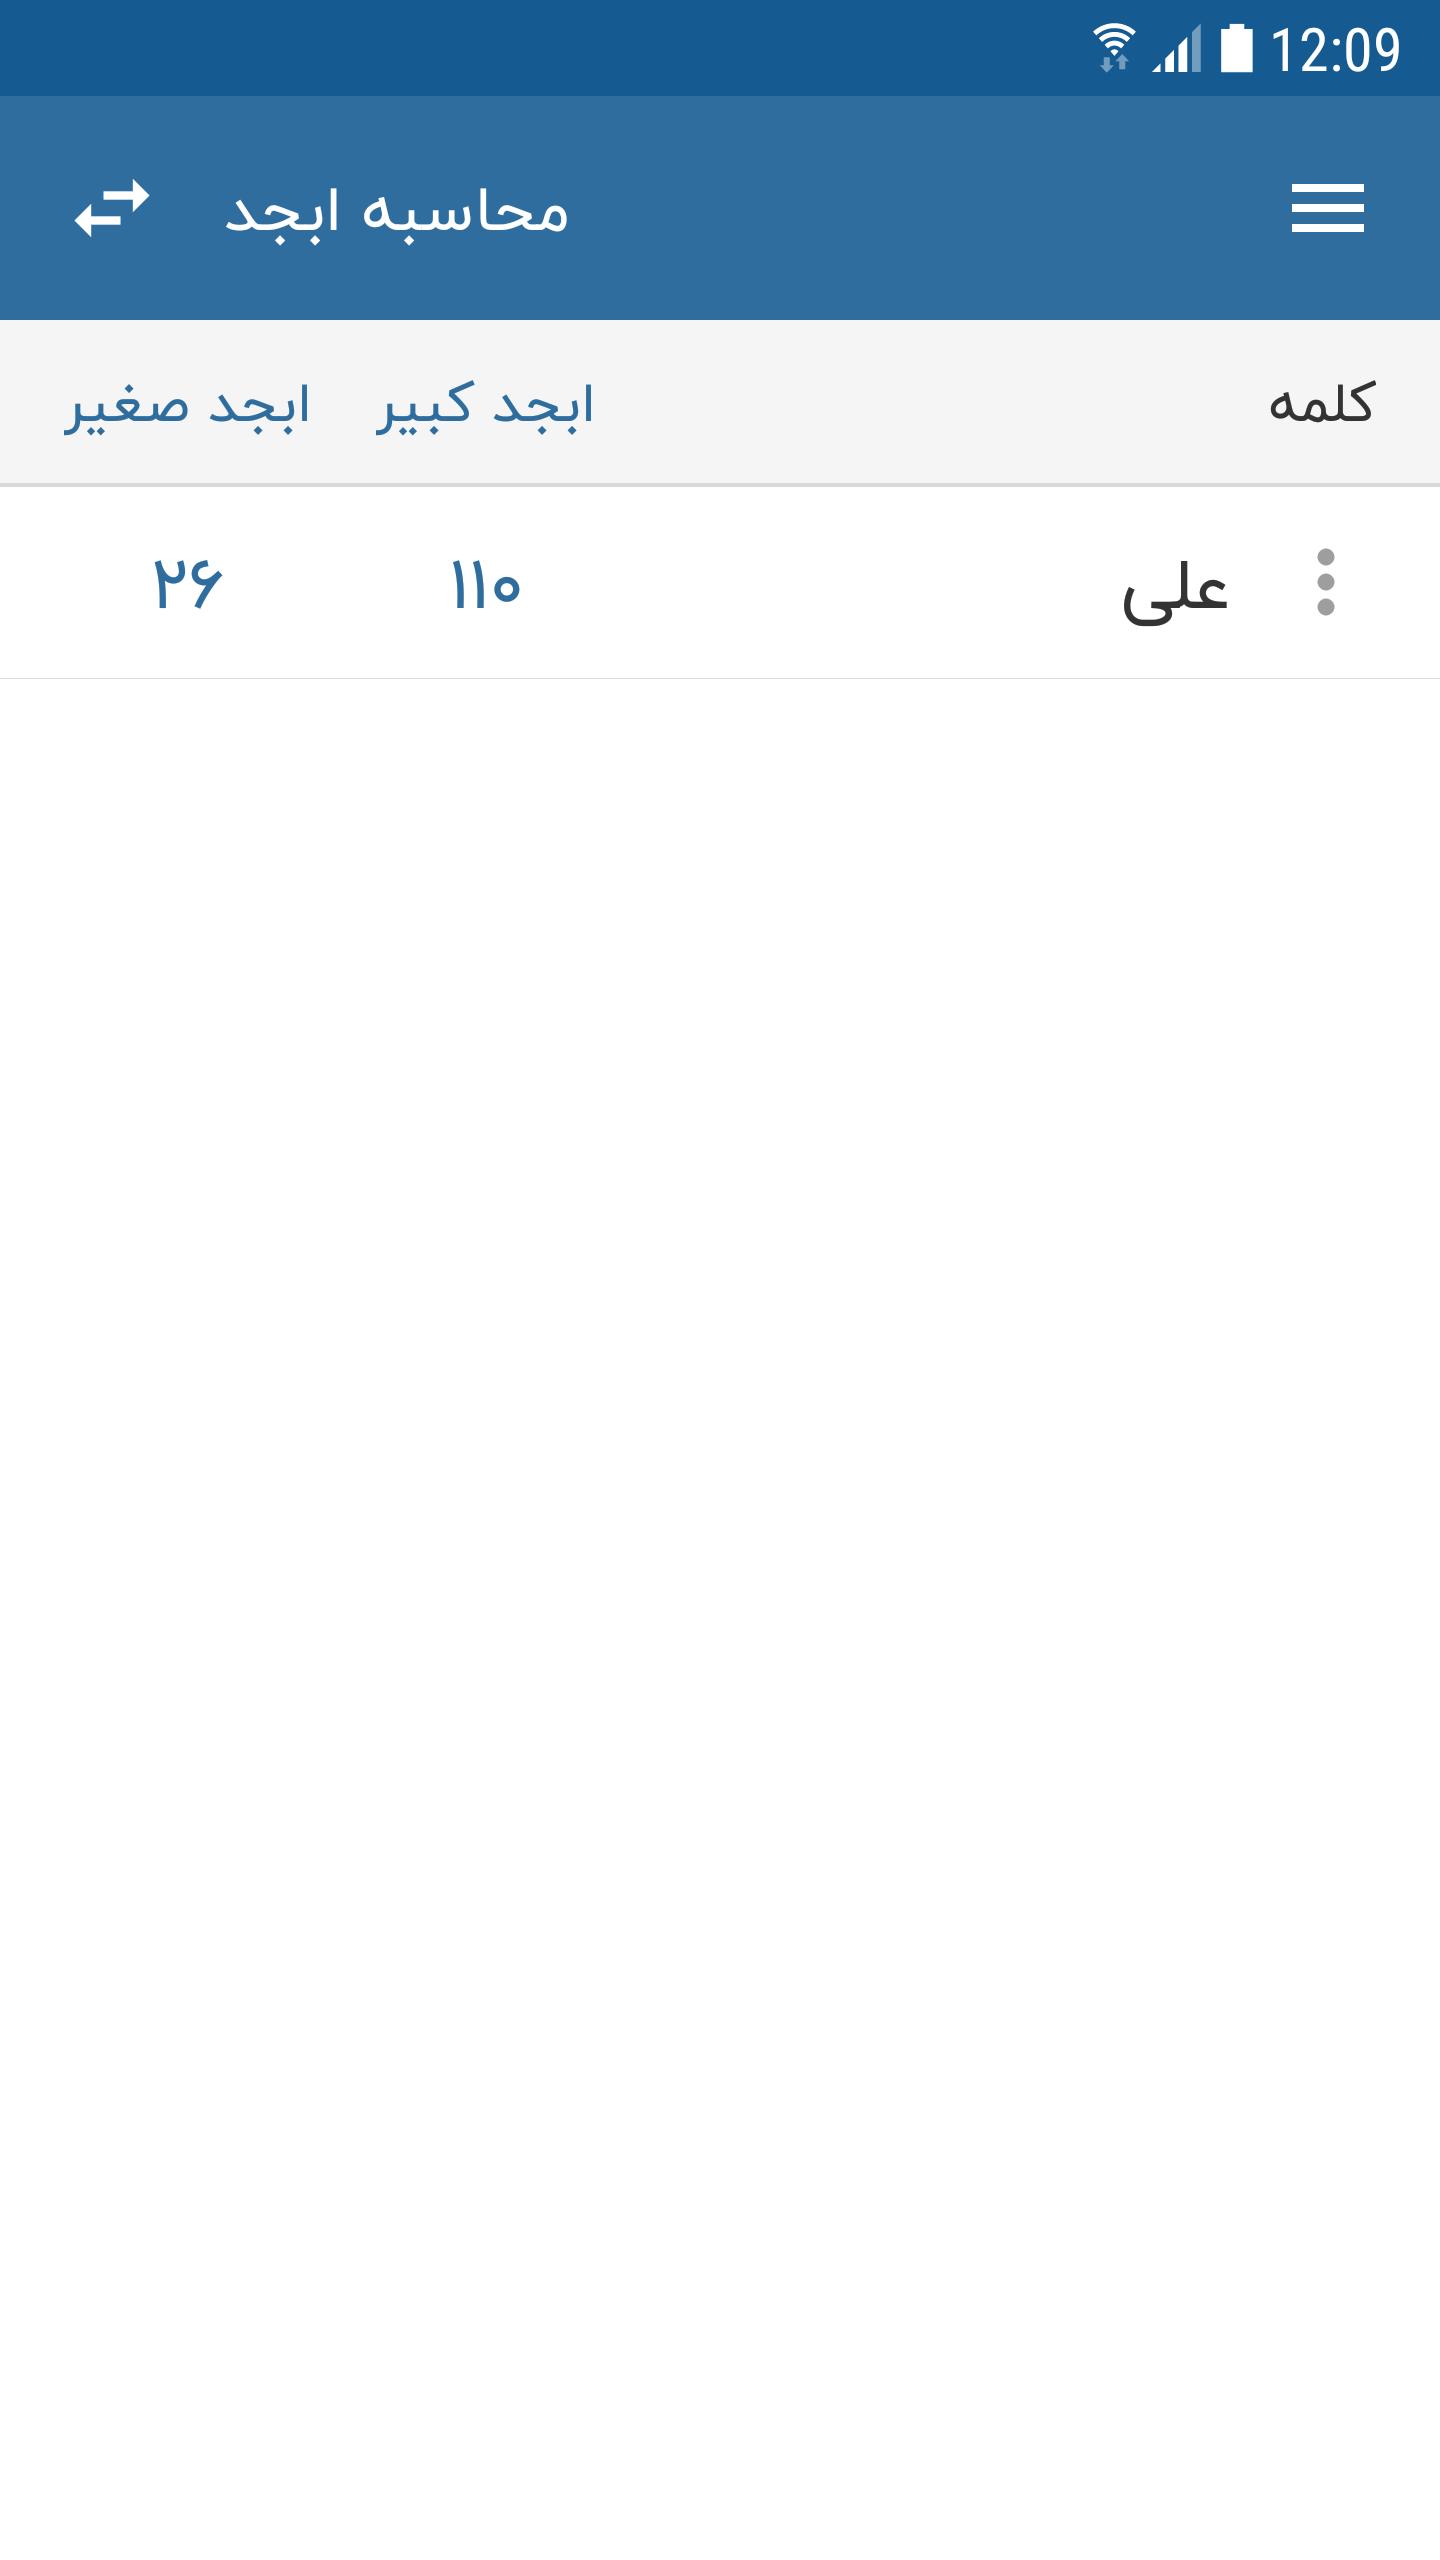 تصویر 8 فال ابجد + محاسبه ابجد